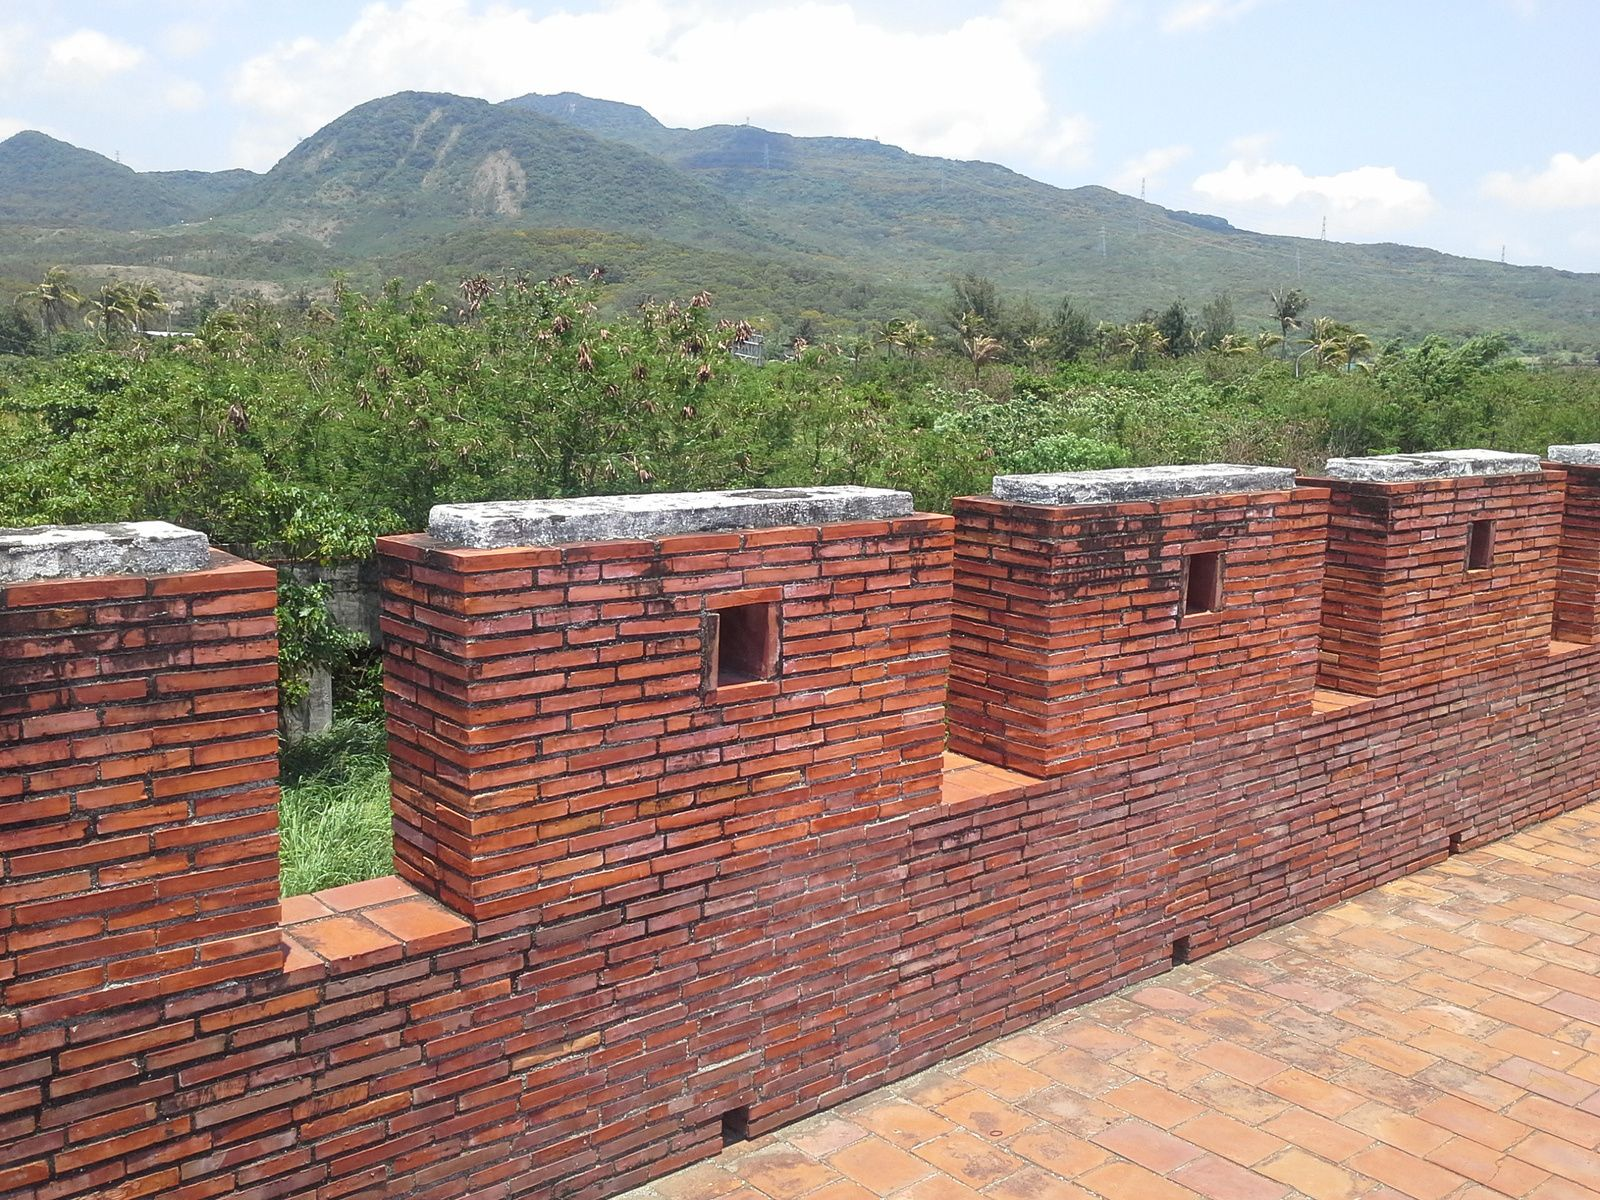 les murailles de la cité et oa montagne en arriere-plan